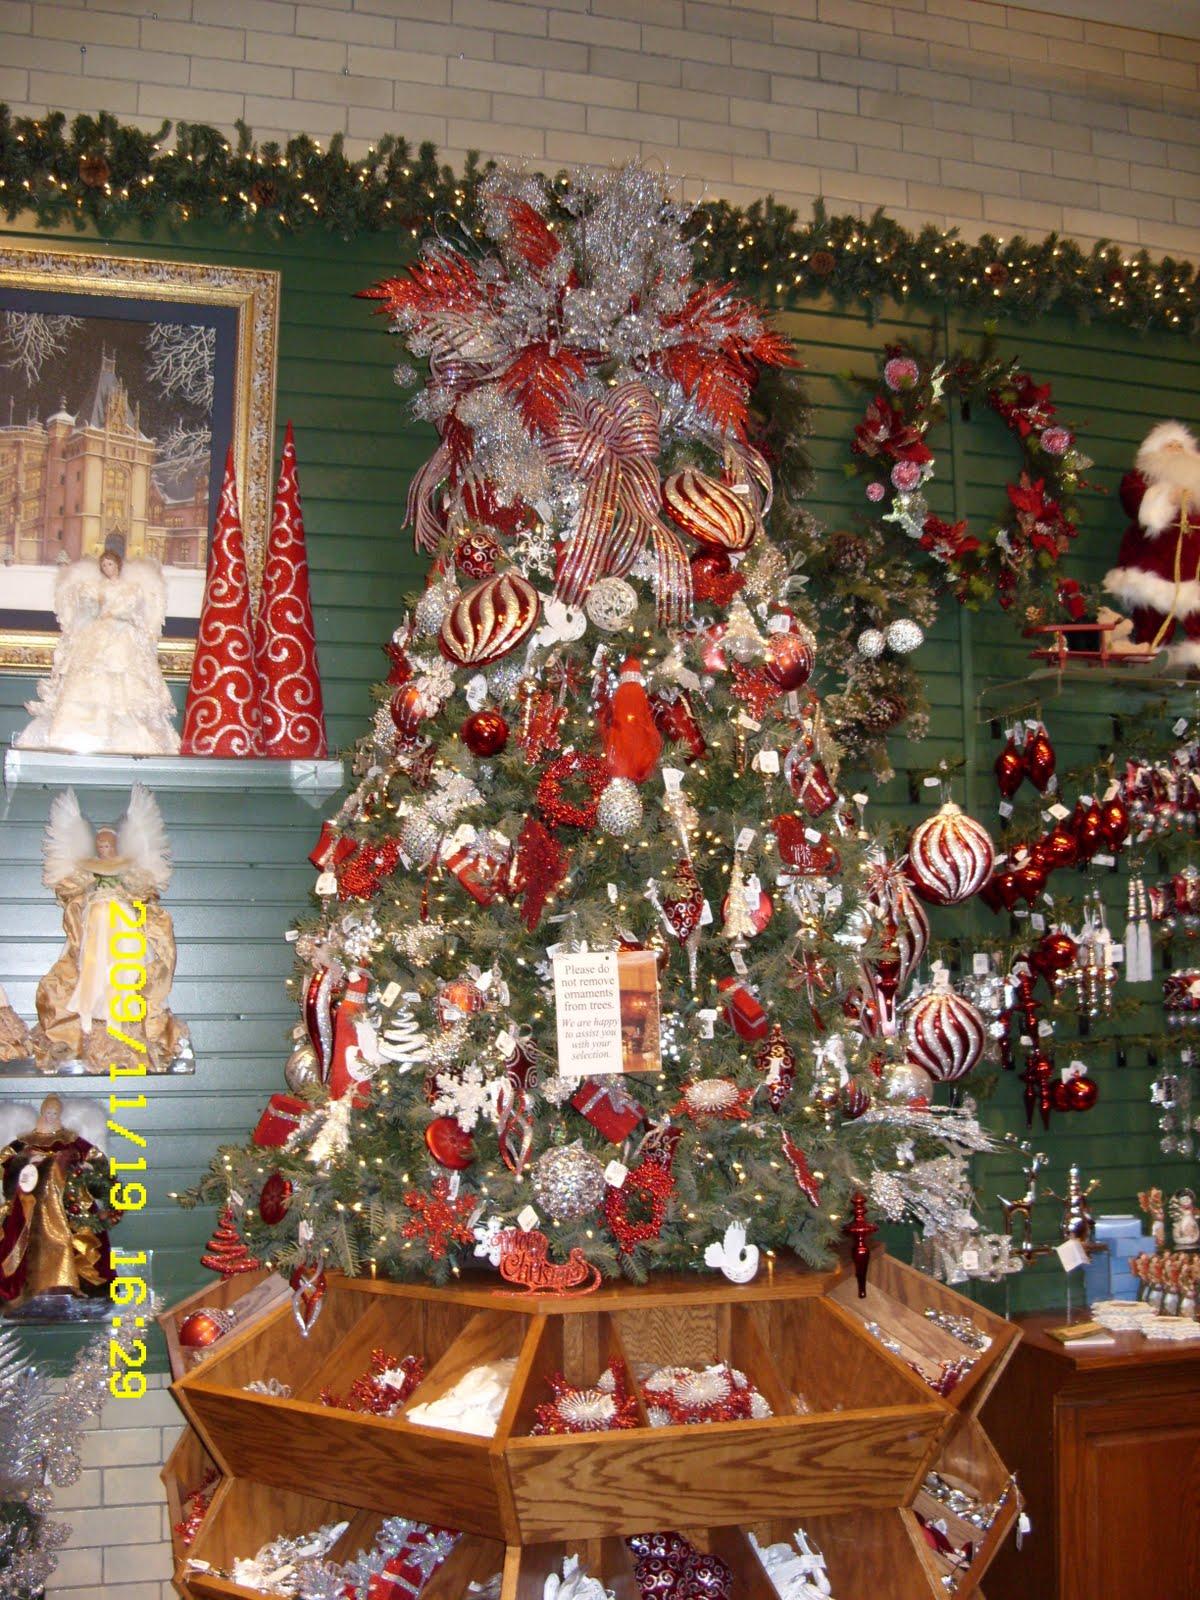 Christmas at biltmore house christmas decorations inside b - Christmas At Biltmore House Christmas Decorations Inside B 20